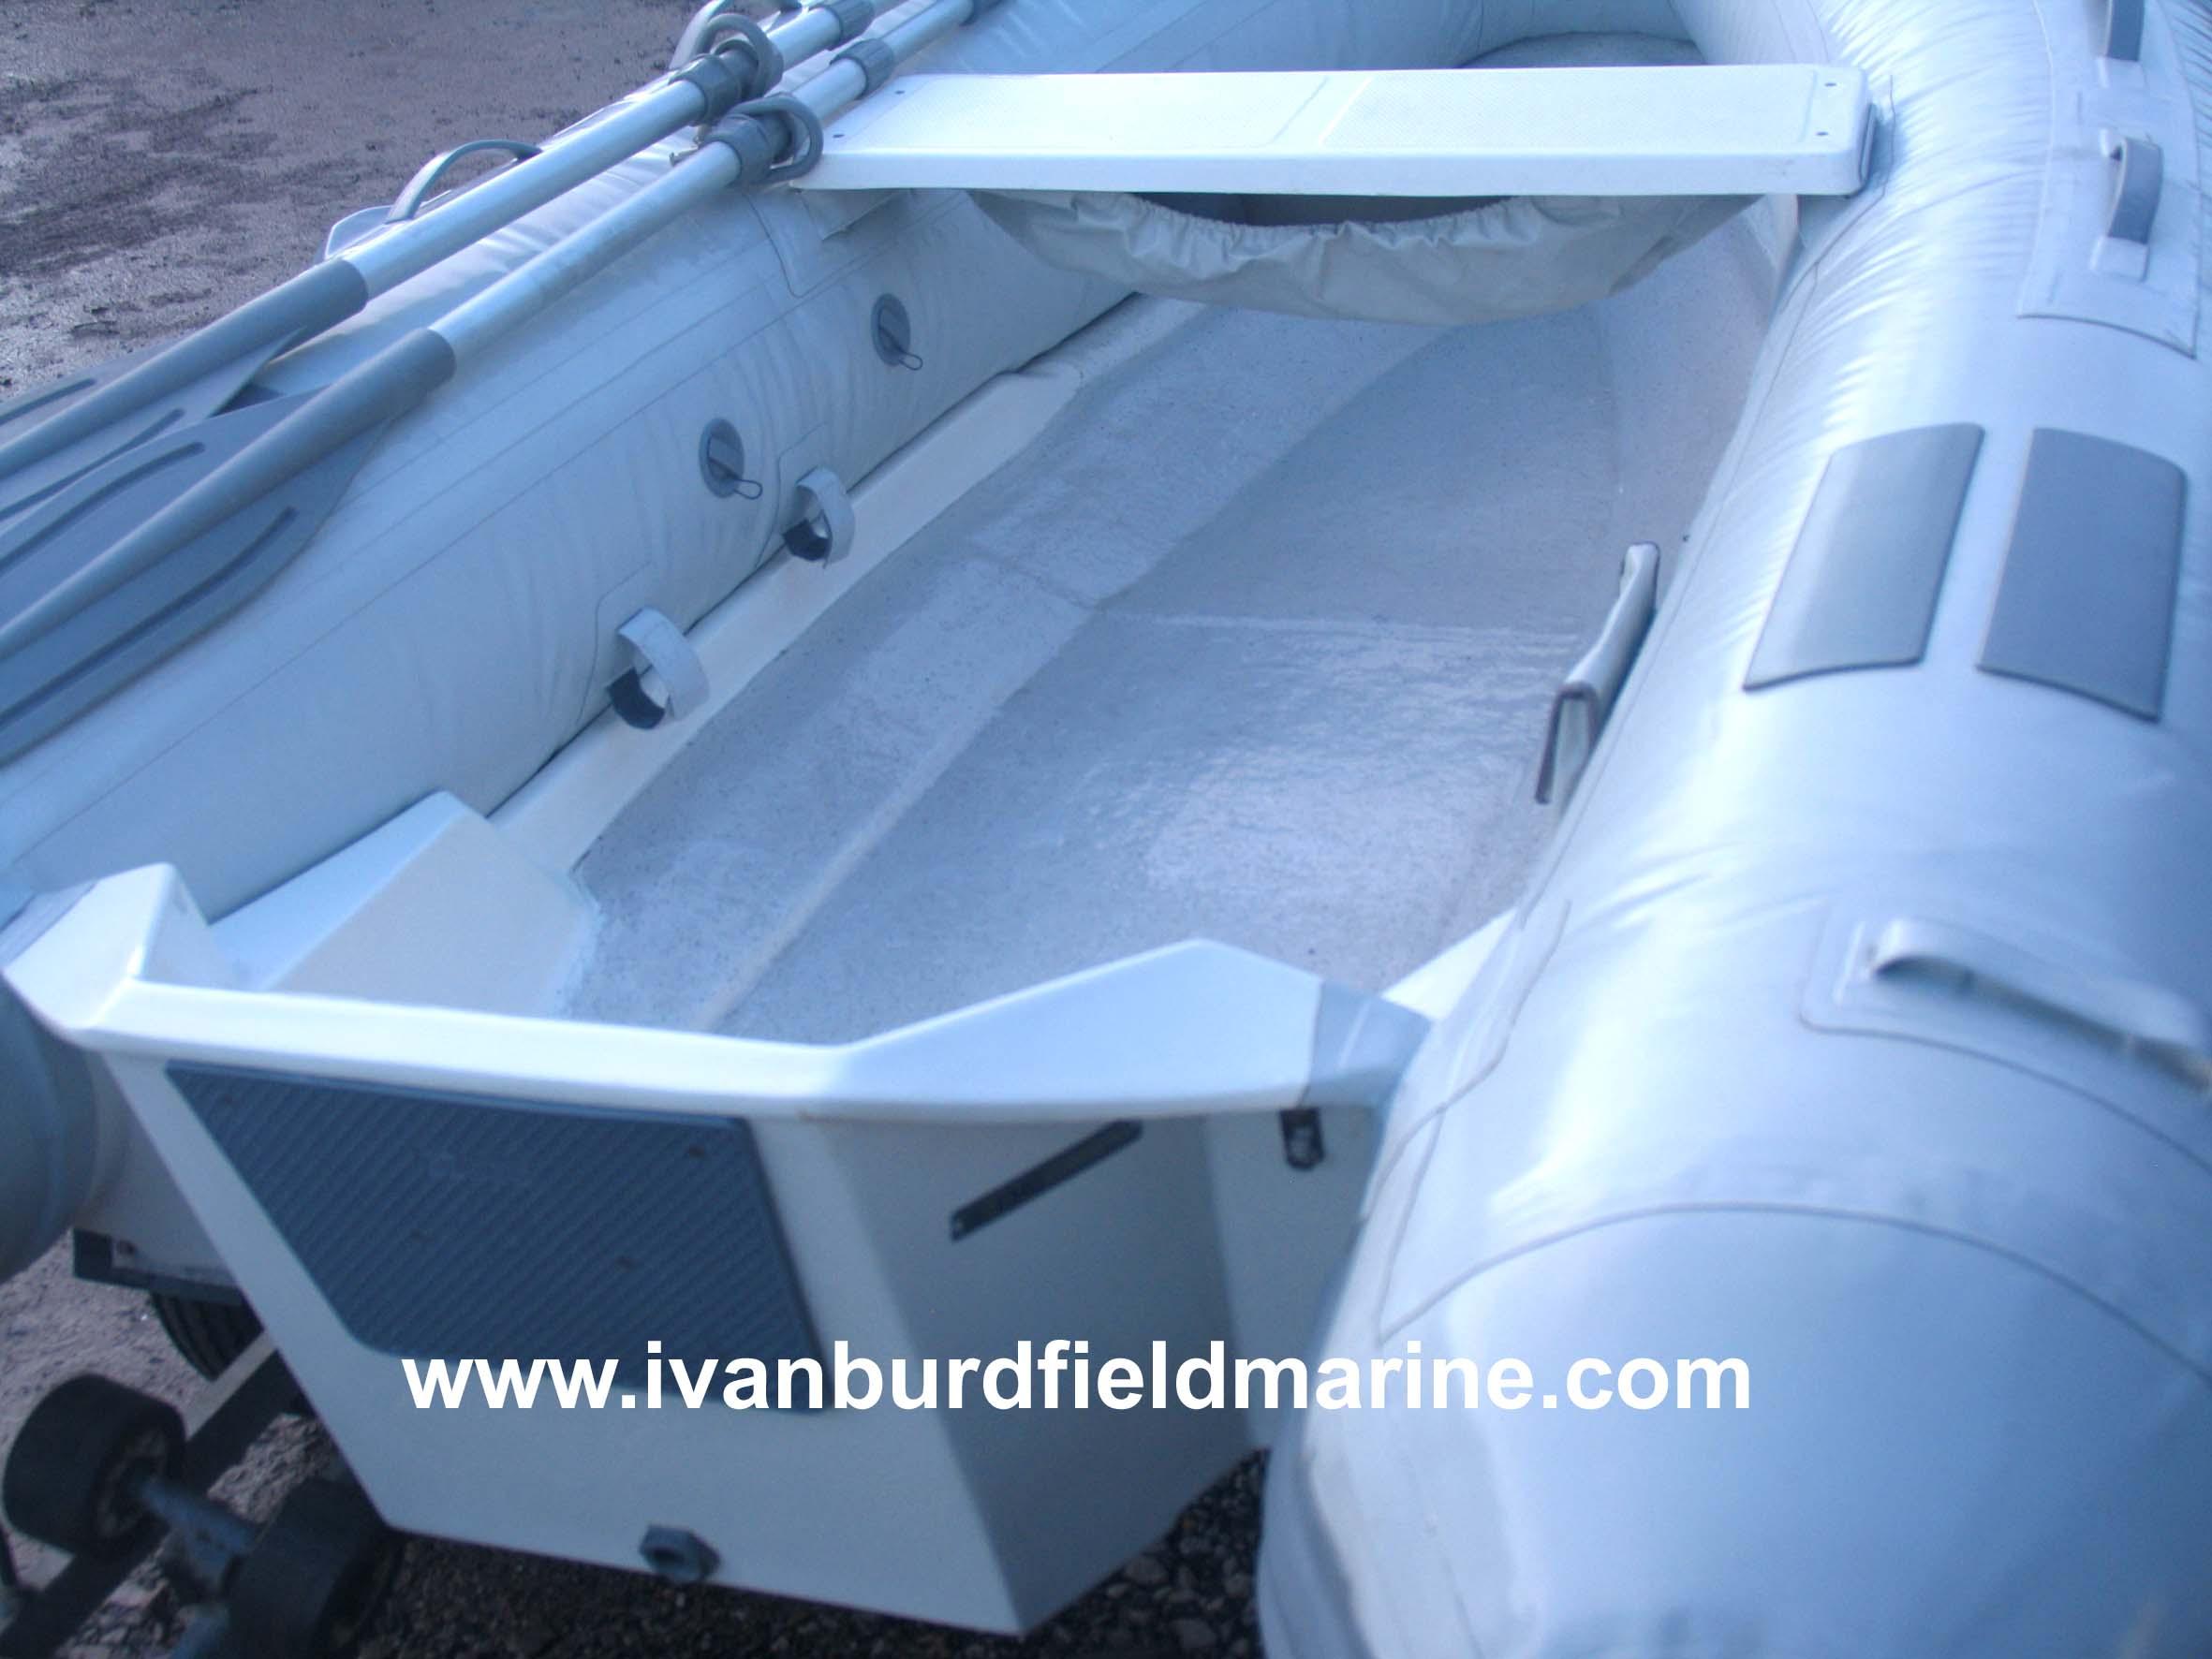 Caribe RiB Boat L10